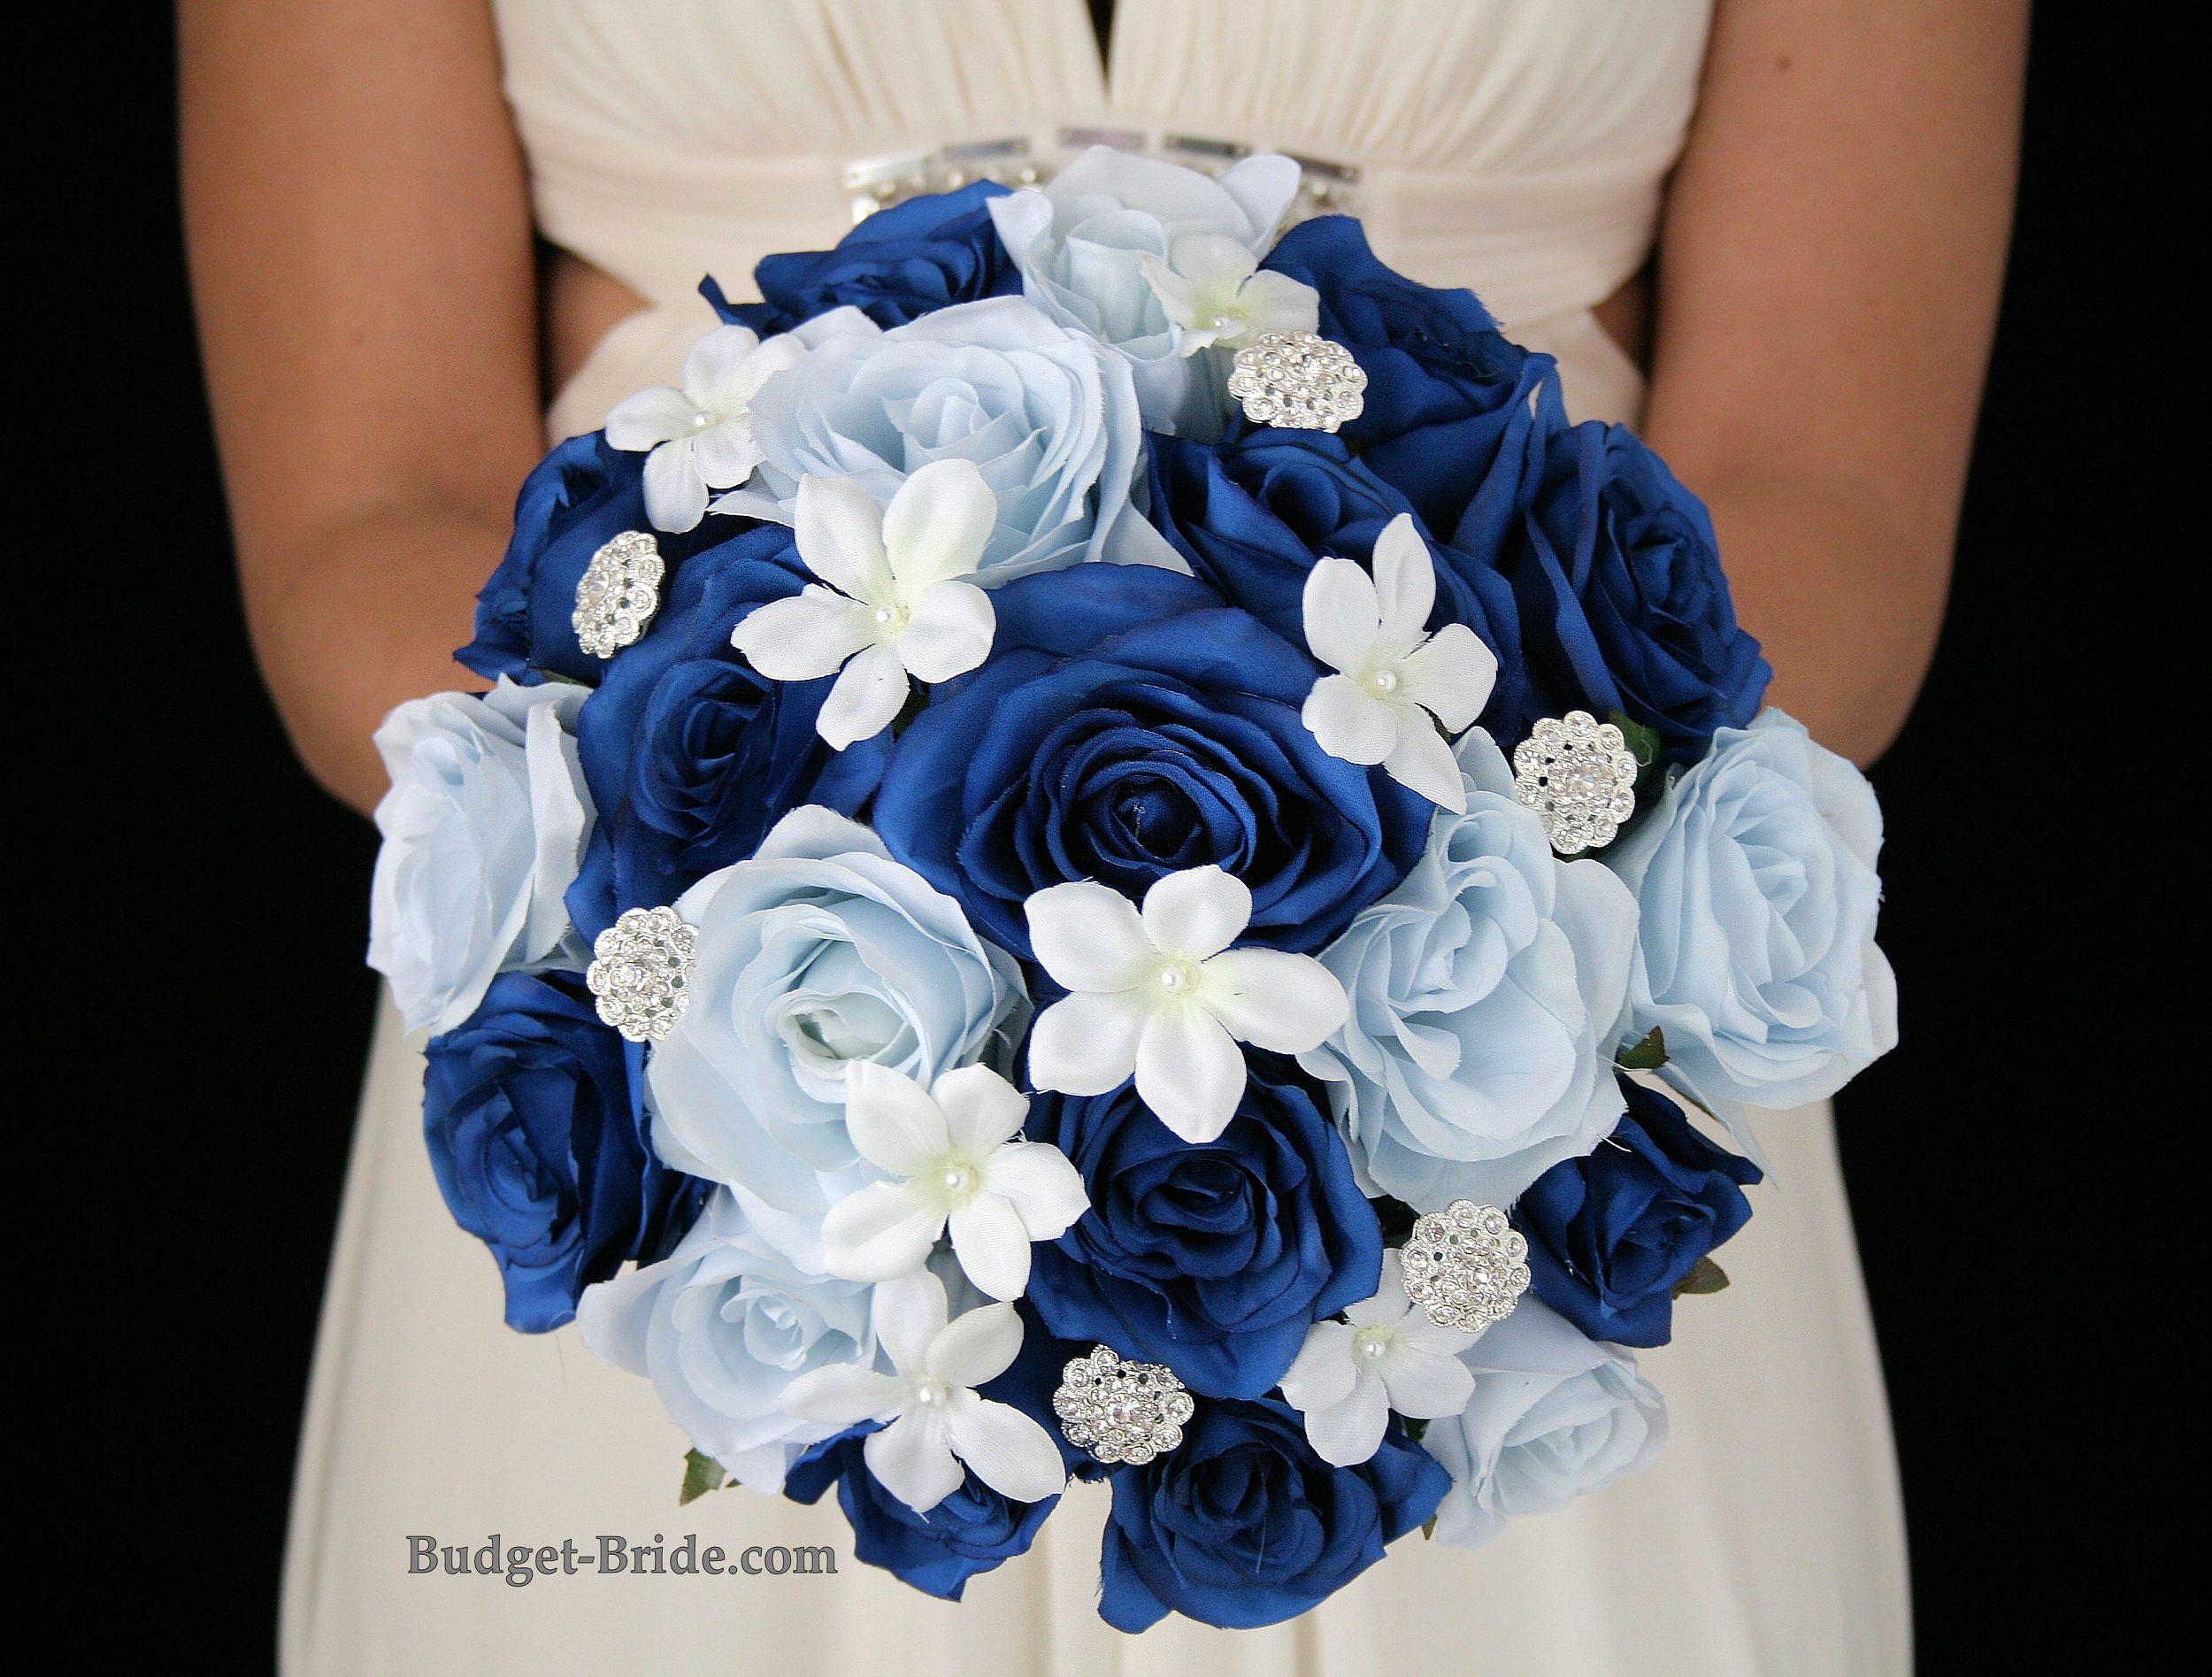 Royal blue wedding flowers wedding ideas pinterest blue royal blue wedding flowers izmirmasajfo